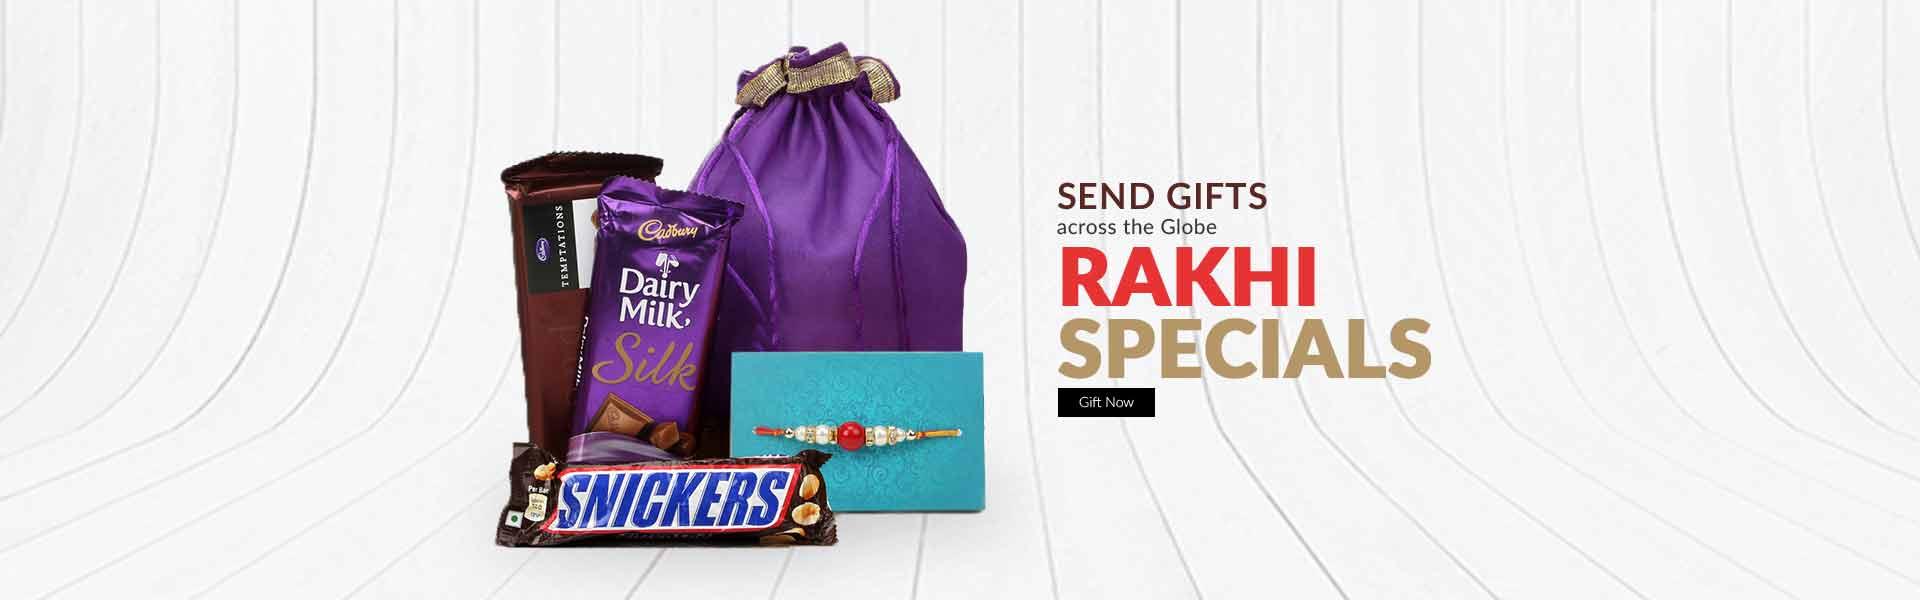 Global-Gifting-Rakhi